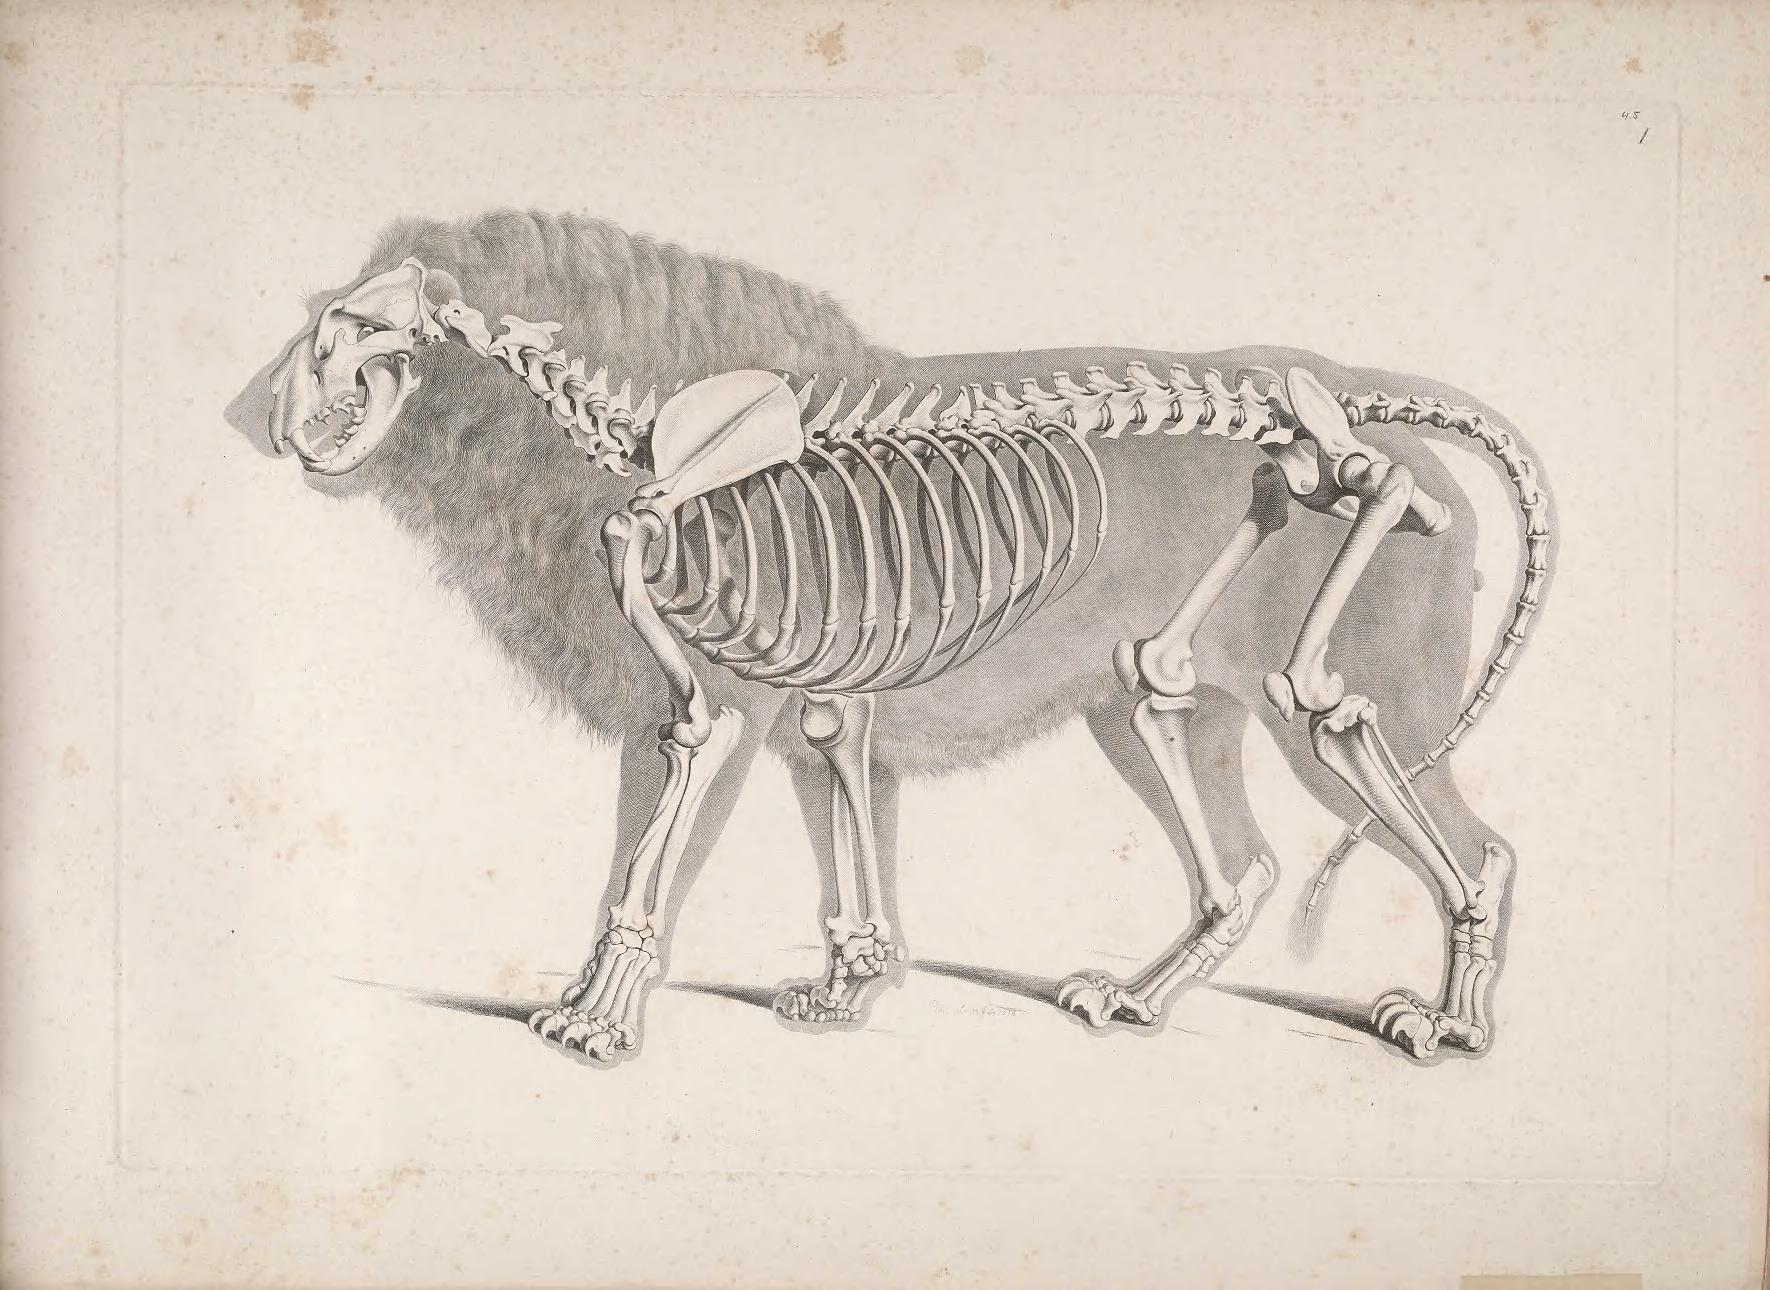 Lion / skeleton Carnivora Felidae Panthera leo | Osteology ...